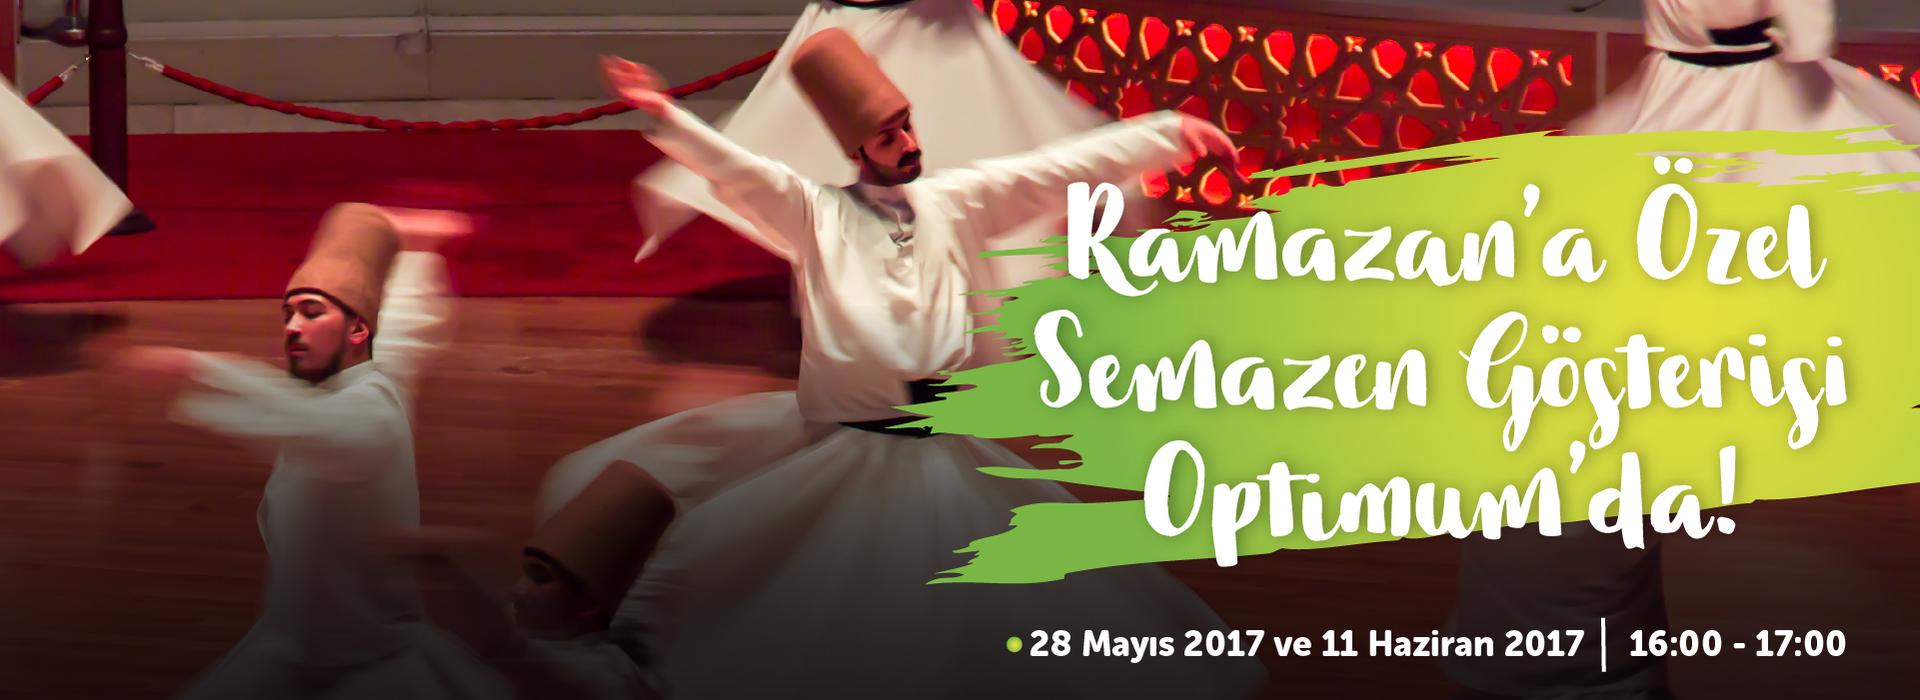 Ramazan'a özel Semazen gösterisi Optimum'da